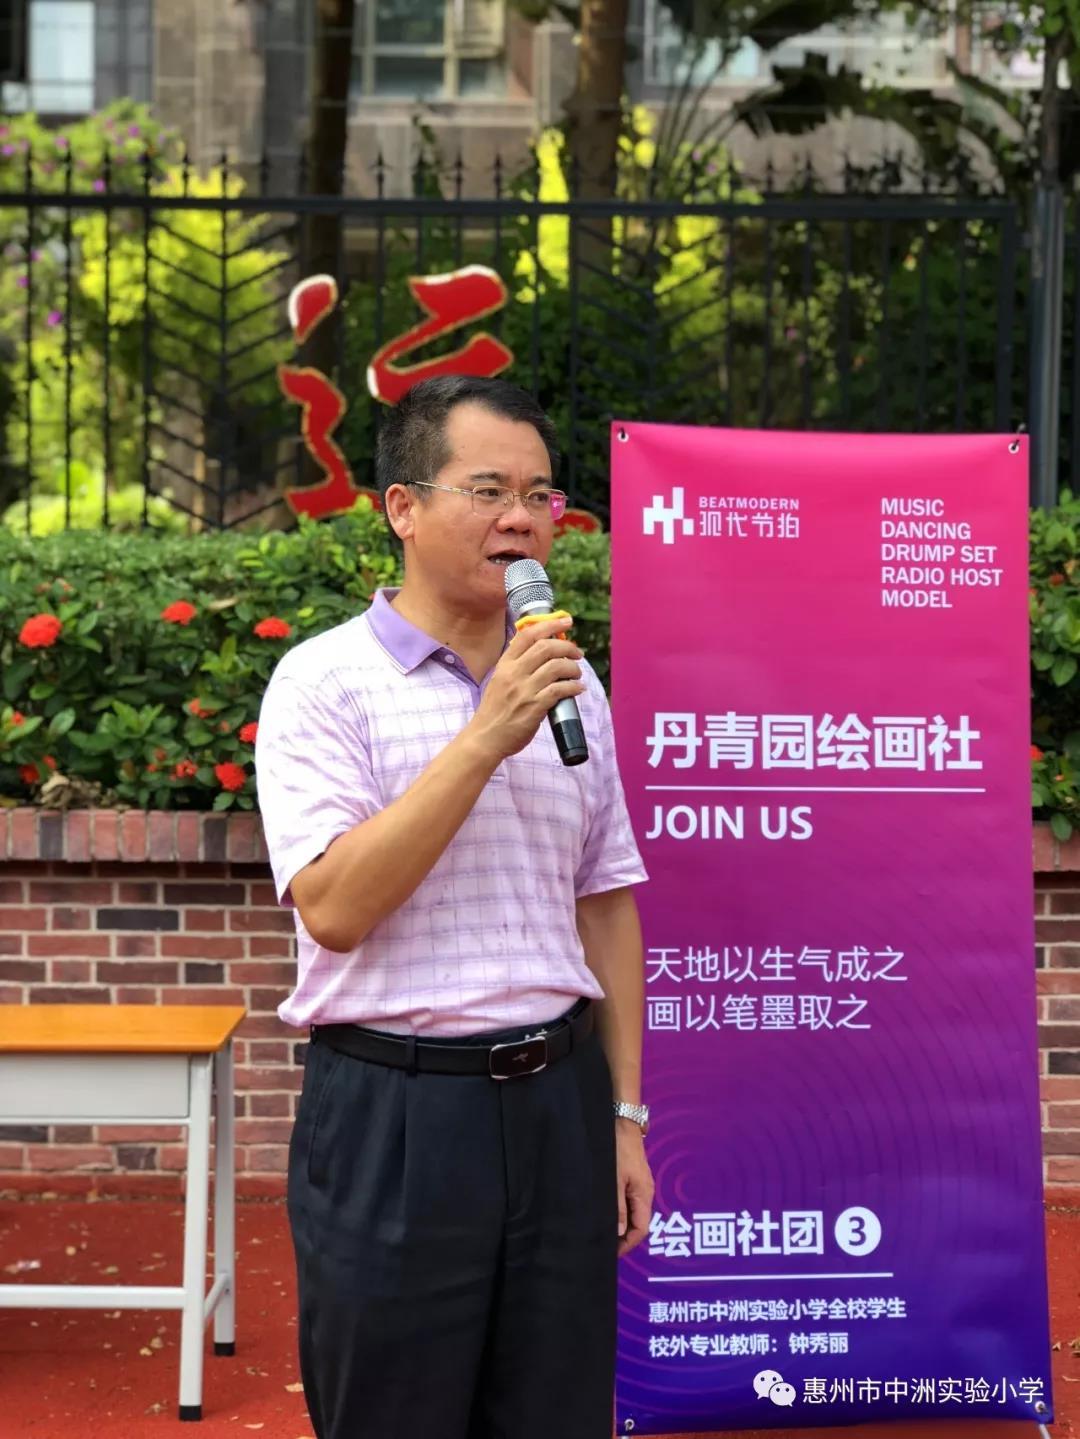 惠州市中洲实验方案海选小学课程进行教育中小学社团活动图片